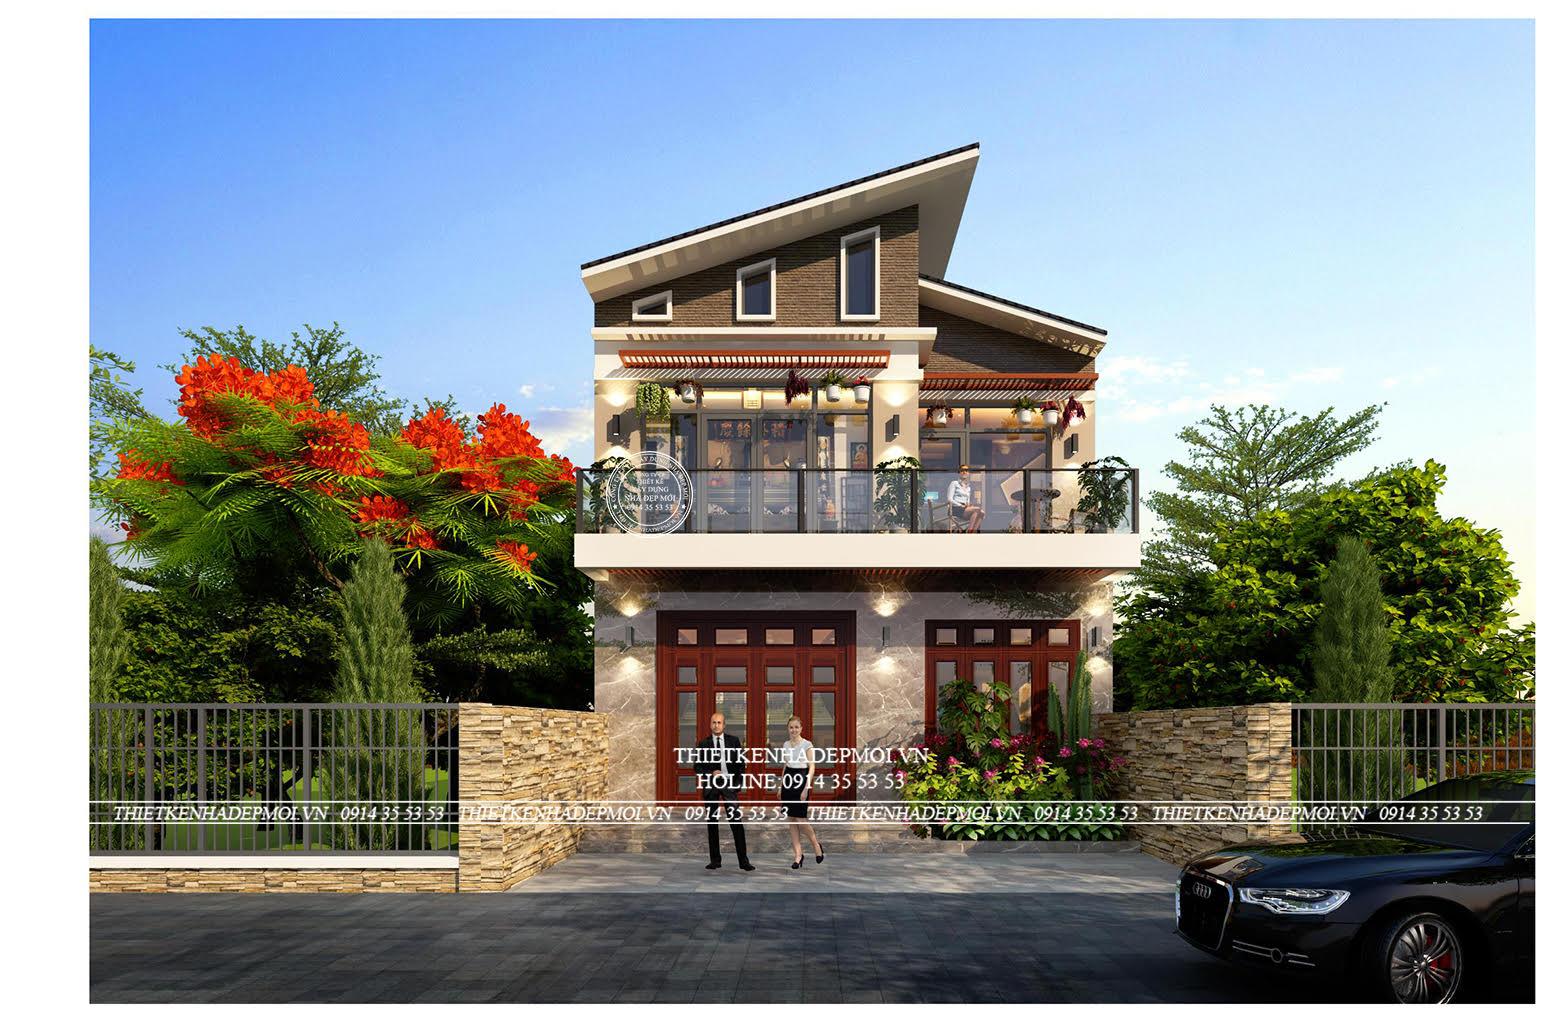 Thiết kế biệt thự hiện đại 2 tầng của chị Linh